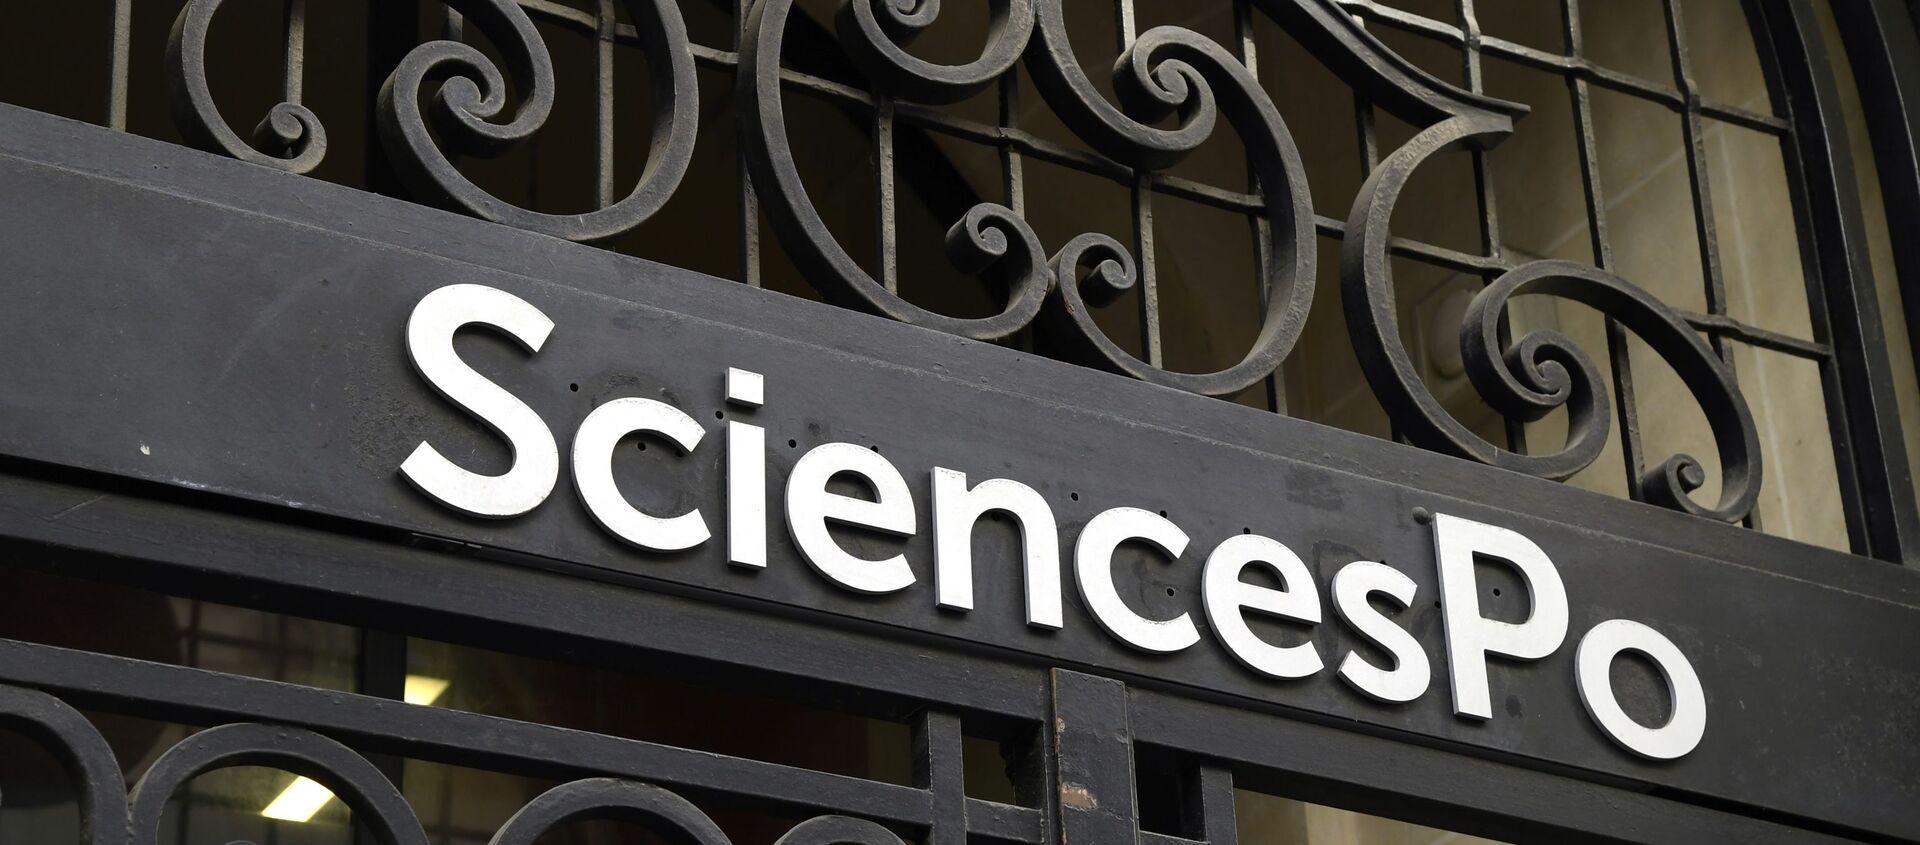 Sciences Po Paris - Sputnik France, 1920, 26.11.2020